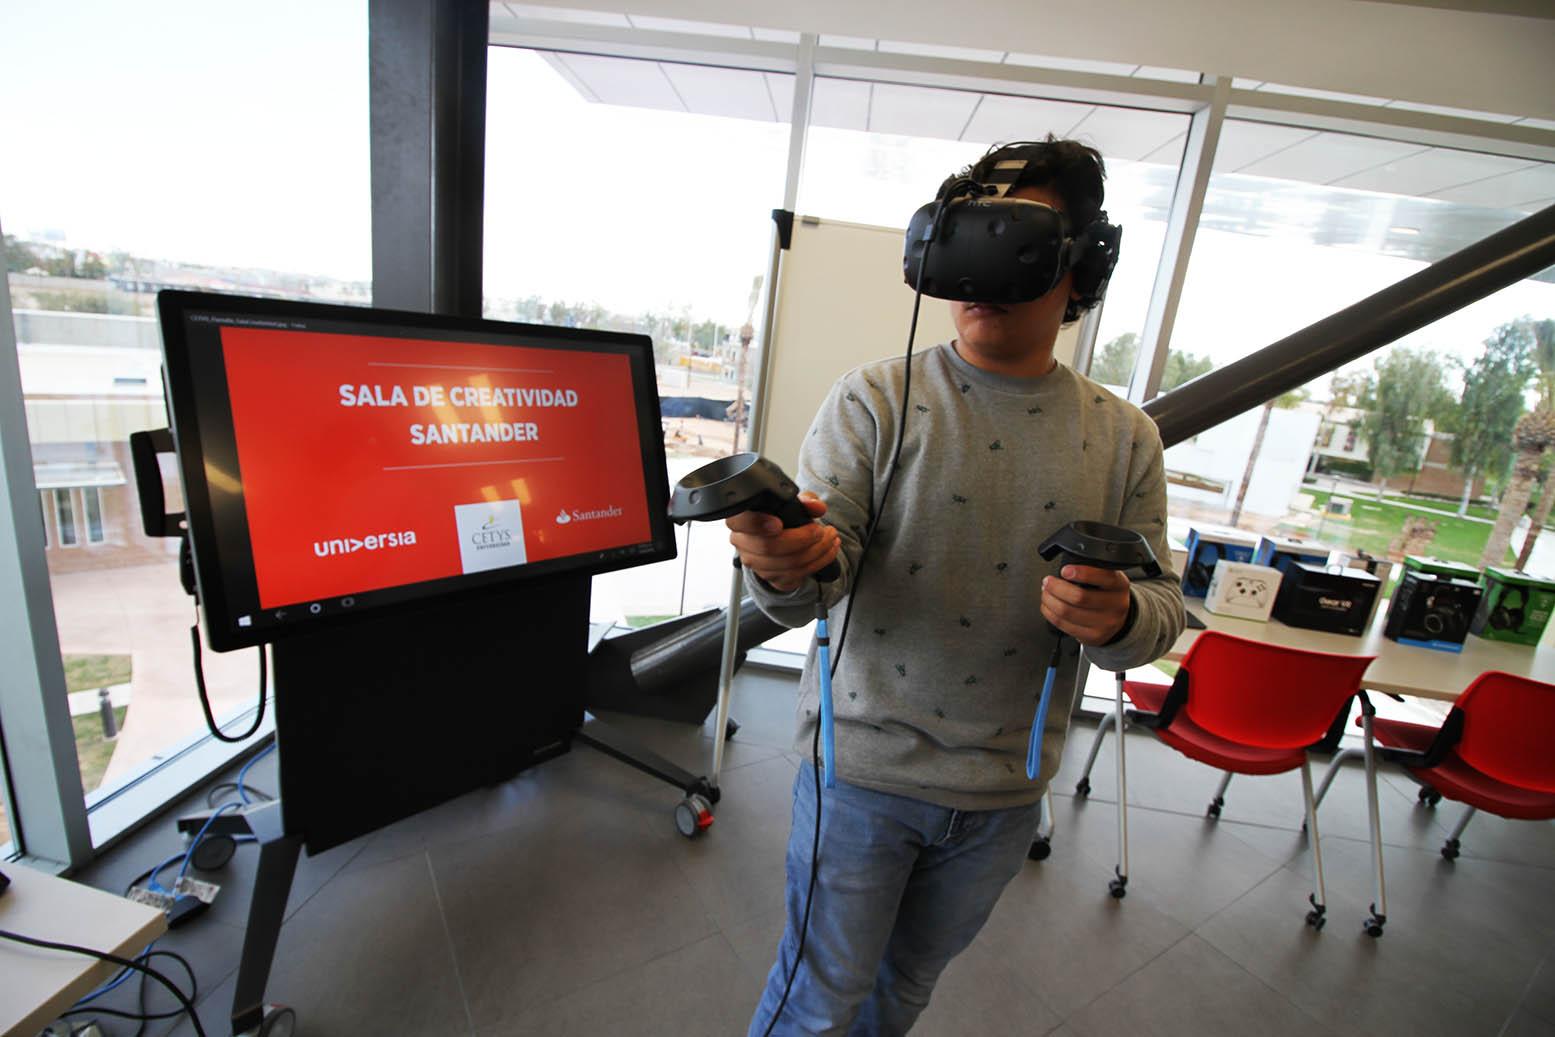 Sala de Creatividad e Innovación Santander-Universia